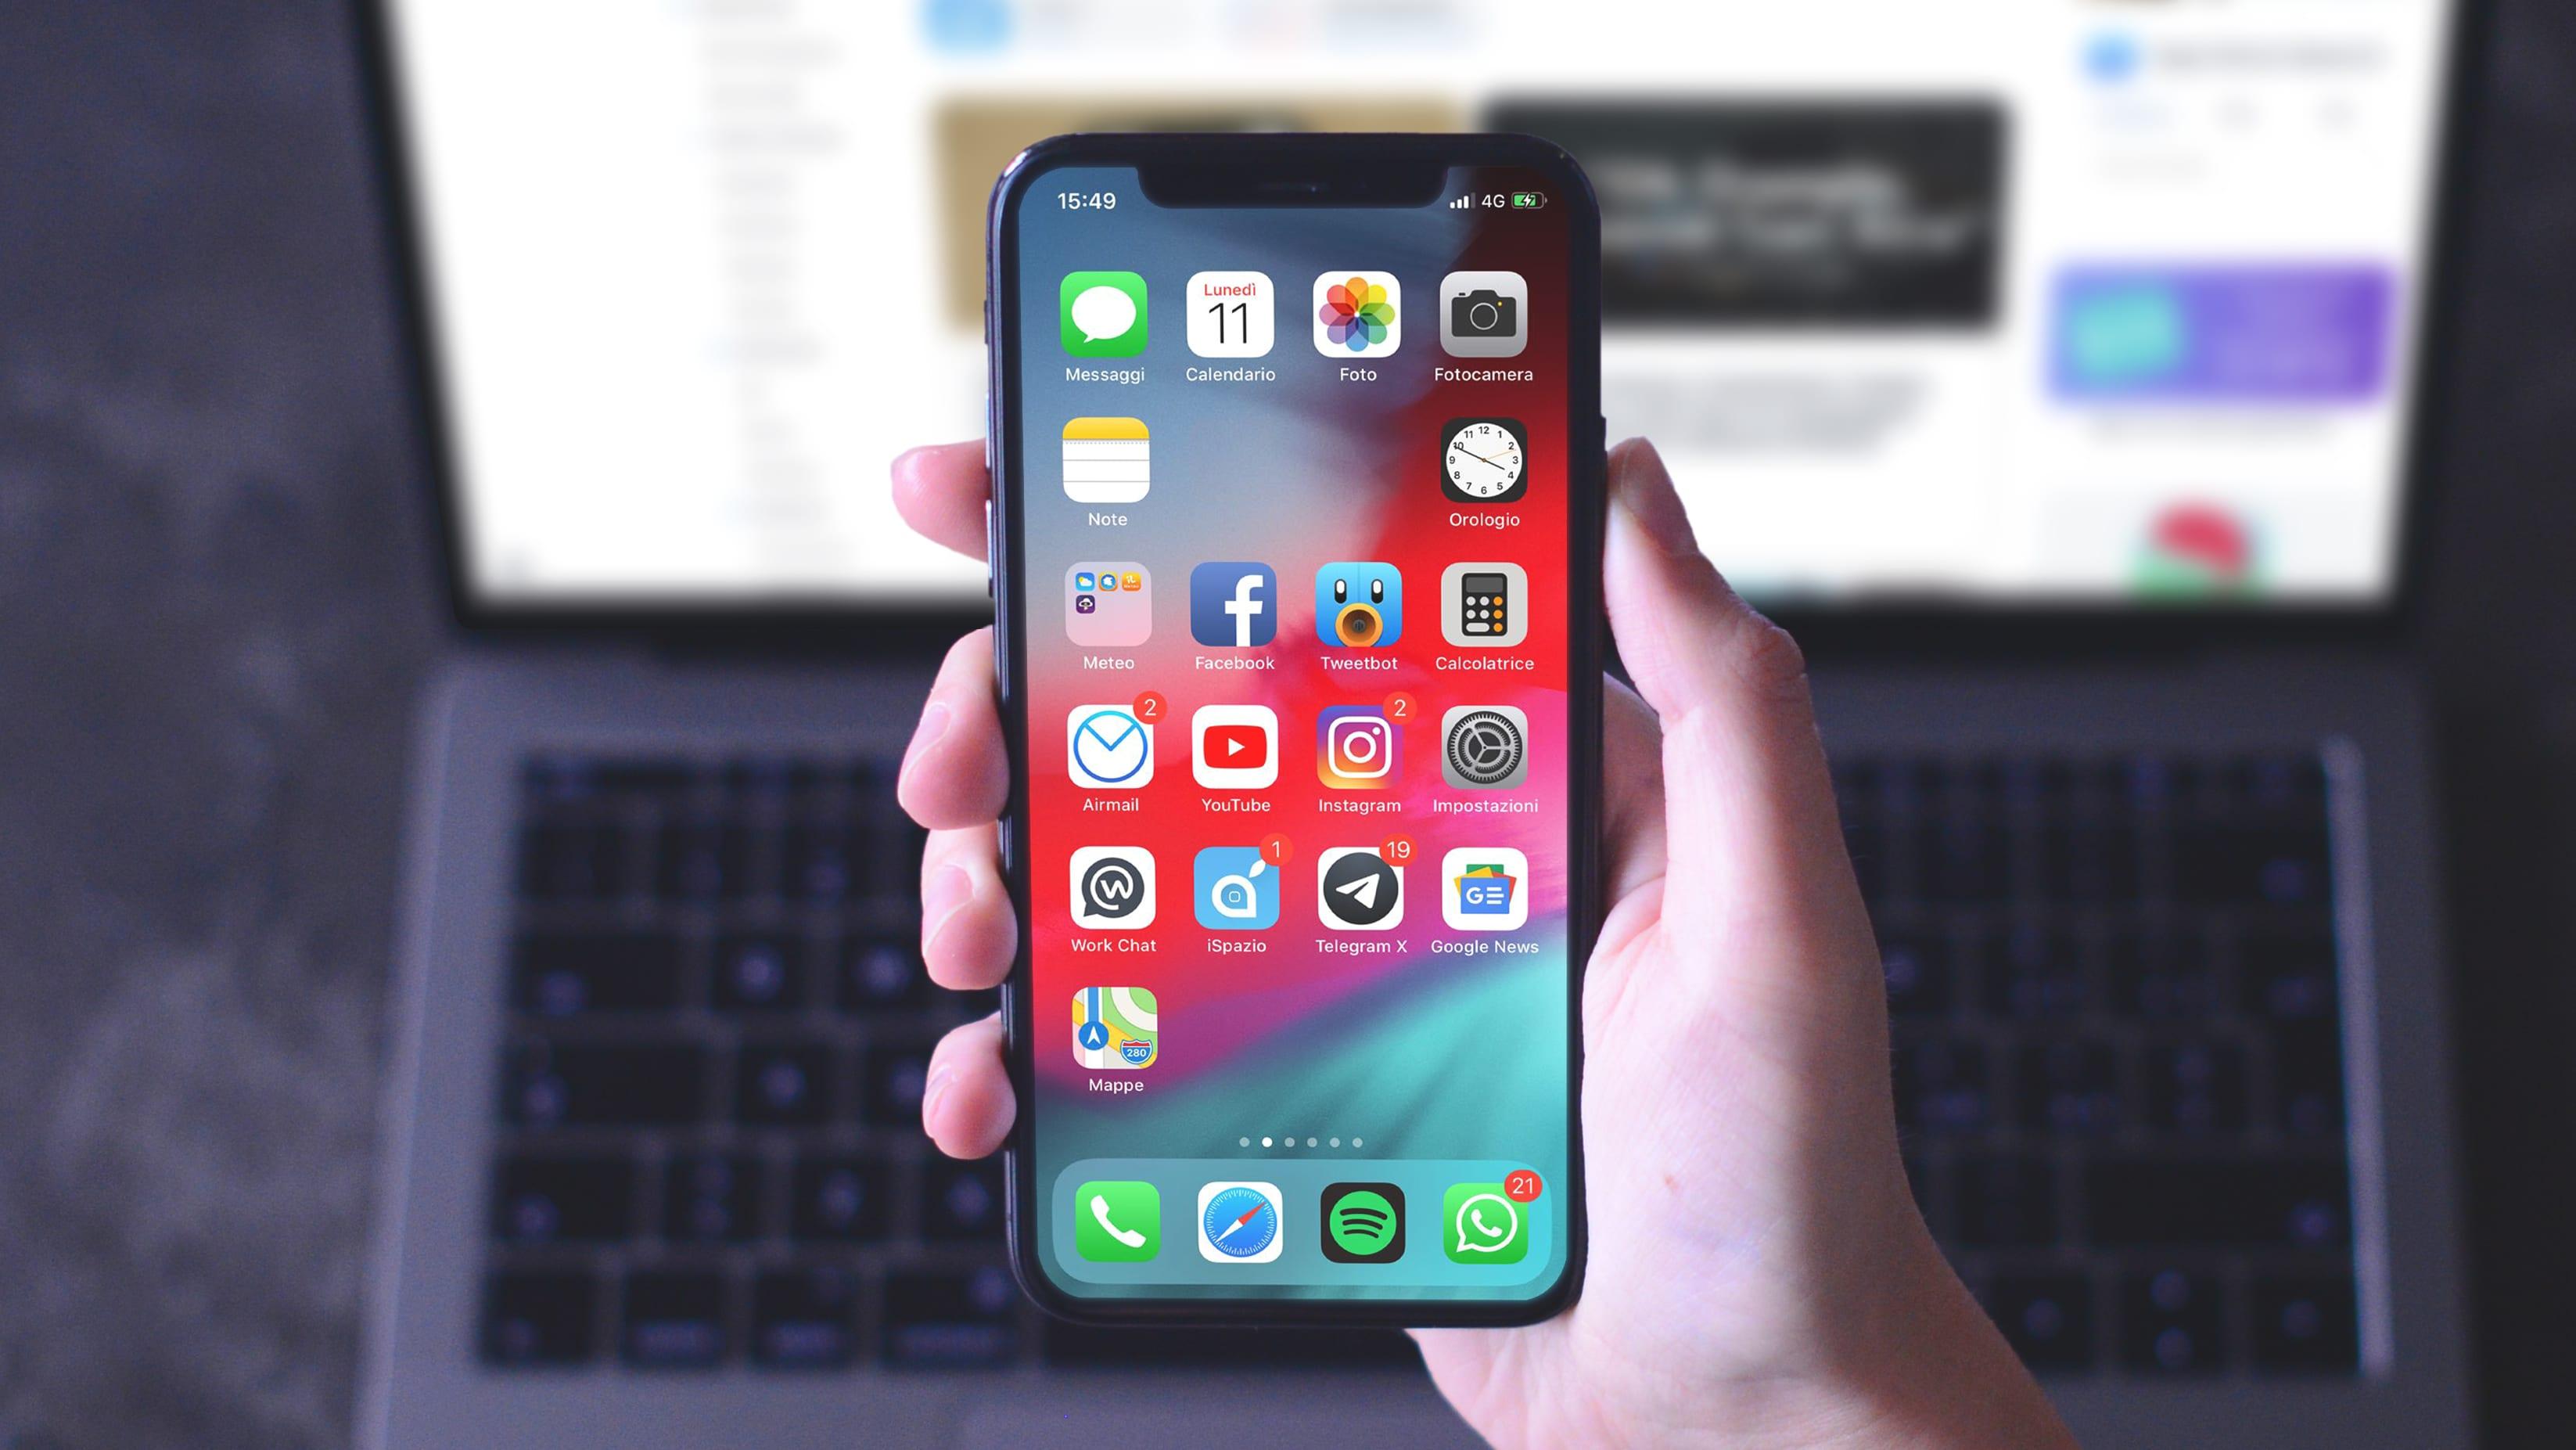 Come disporre liberamente le applicazioni nella schermata home di iOS, creando spazi vuoti | Guida